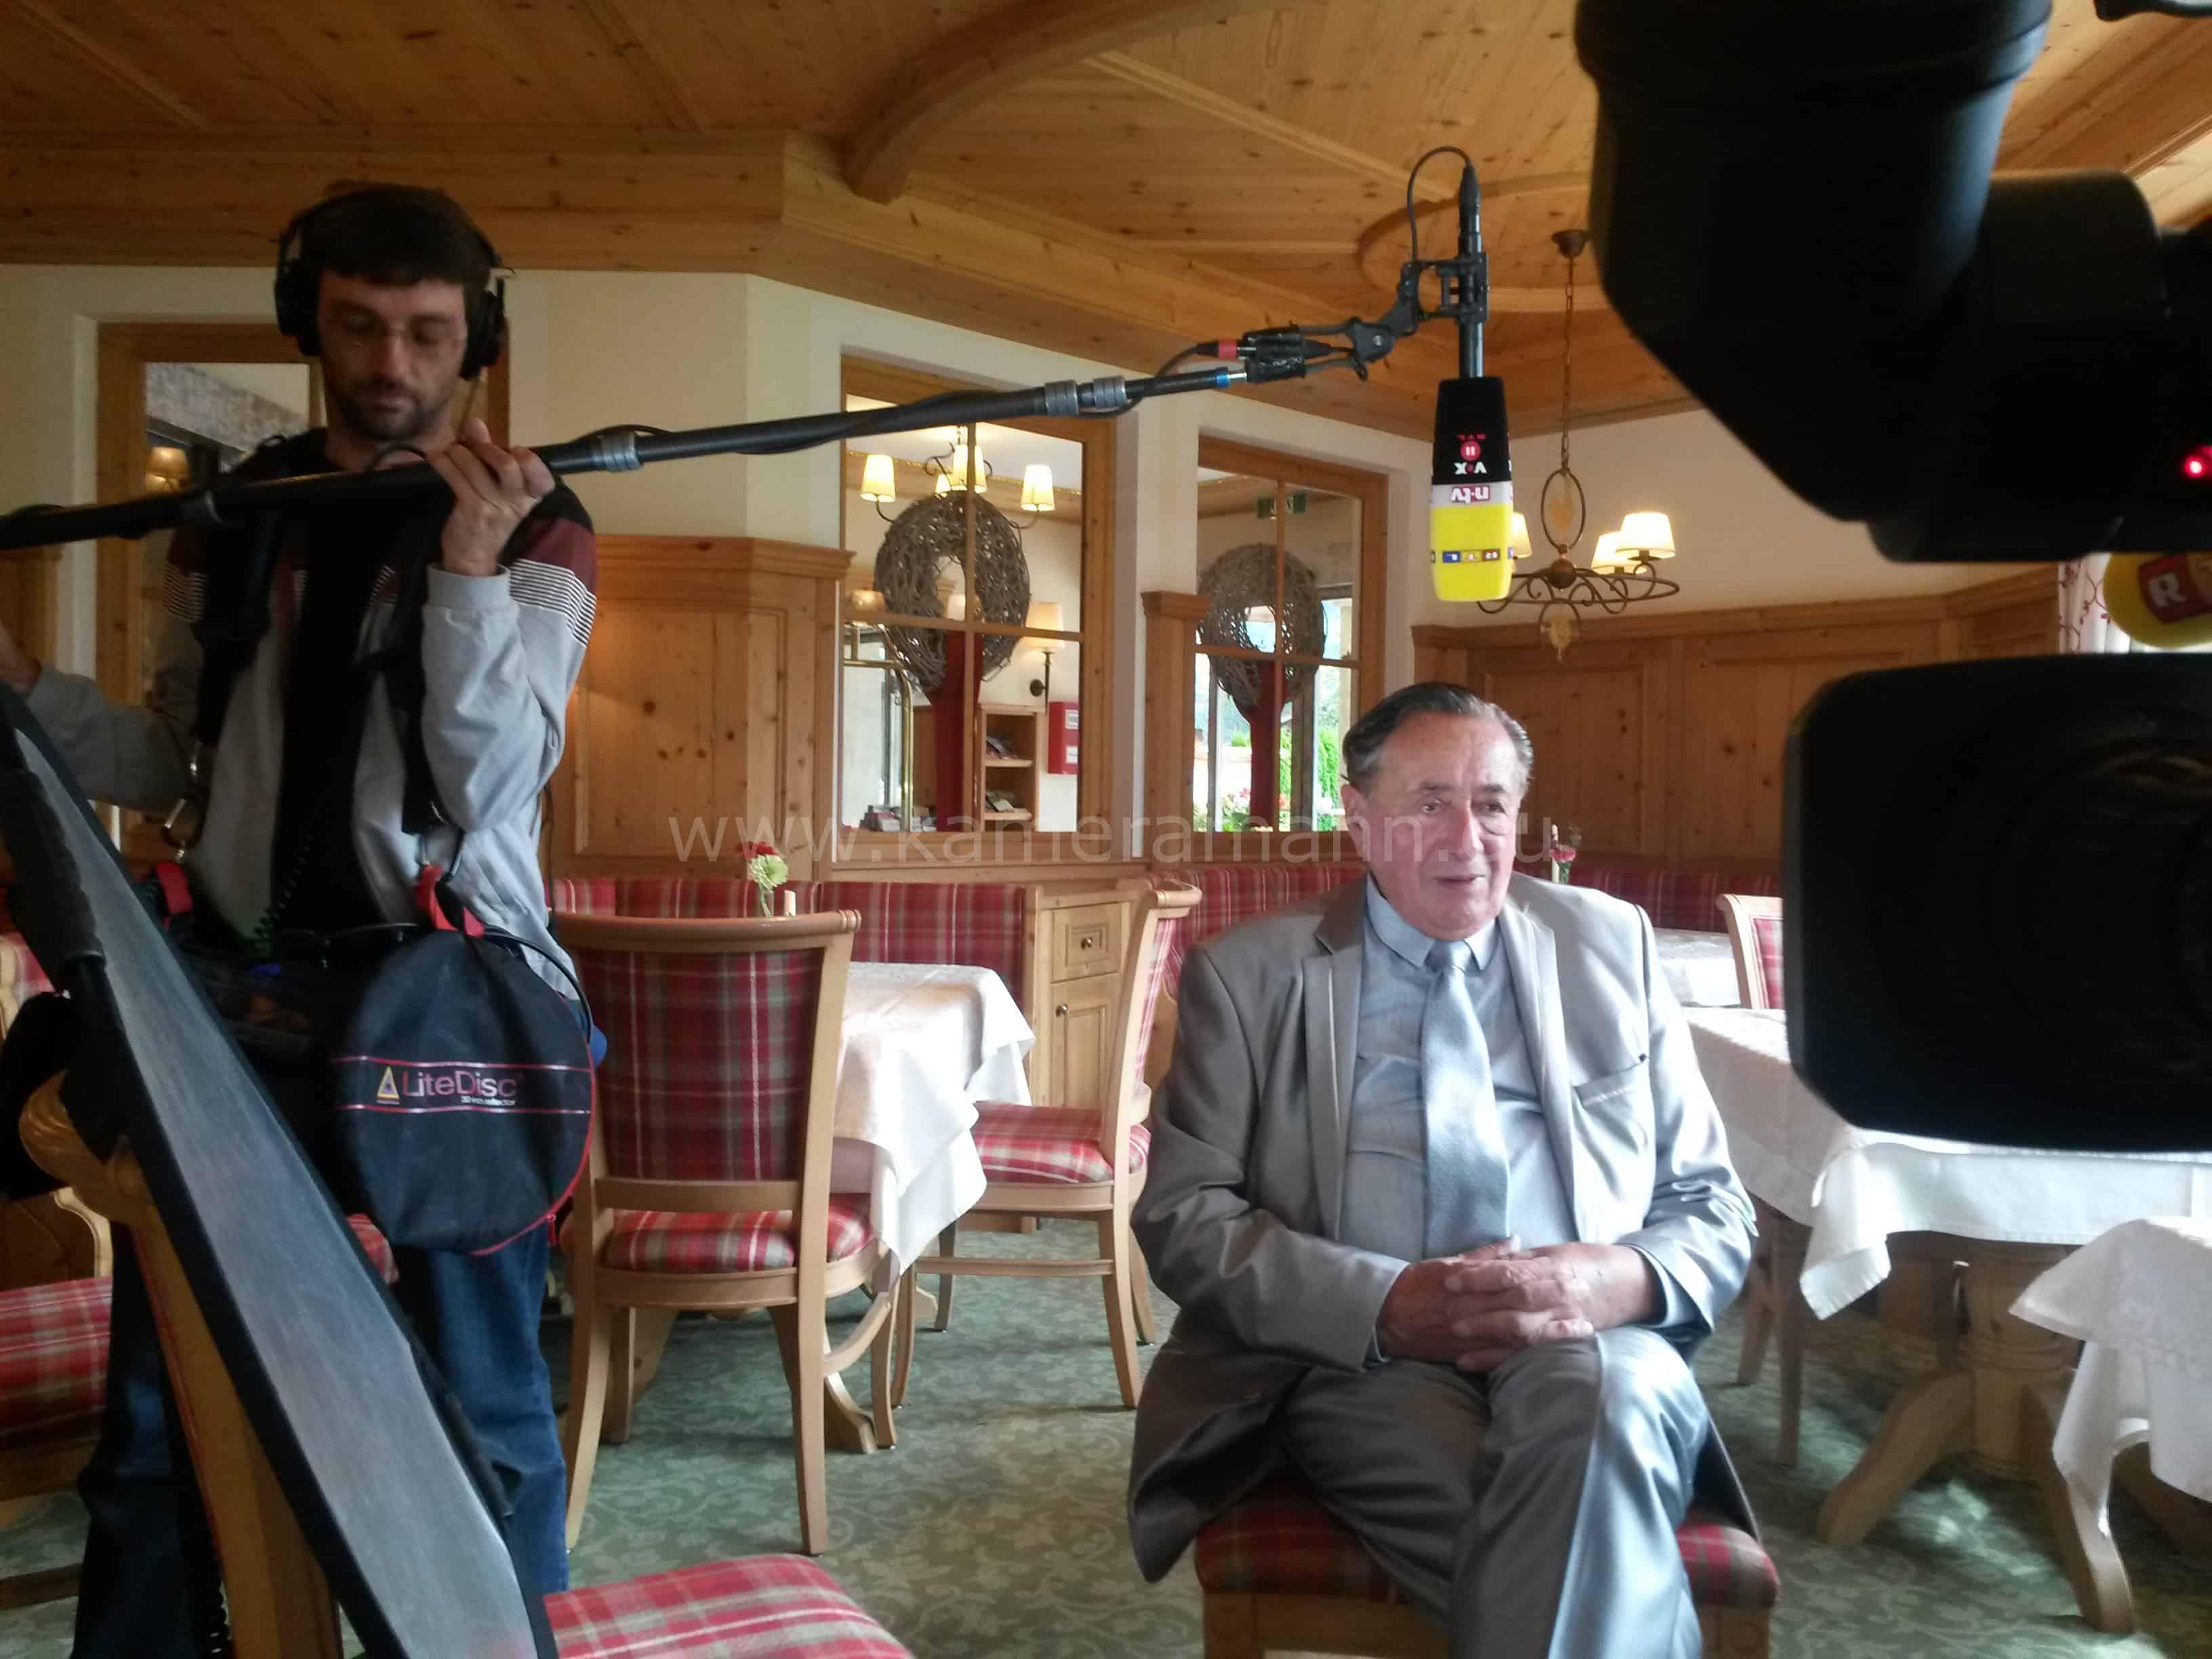 wpid 20150919 104355 - RTL -  Dreharbeiten mit Cathy und Richard Lugner